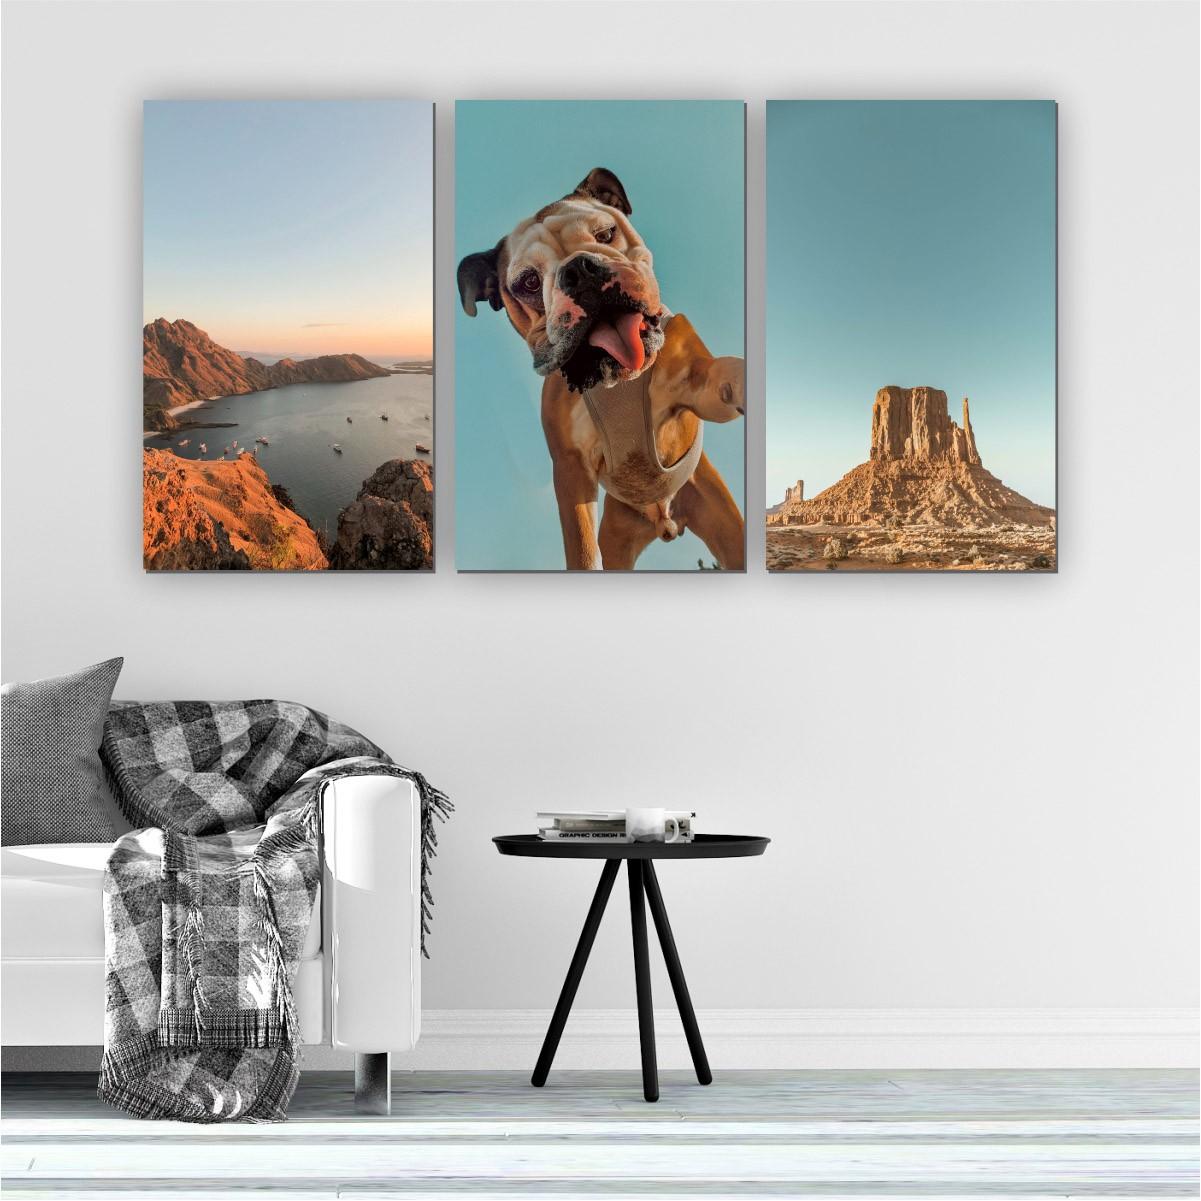 Quadros Decorativos Mosaico Quarto Sala Bulldog 3 peças - 126x65cm